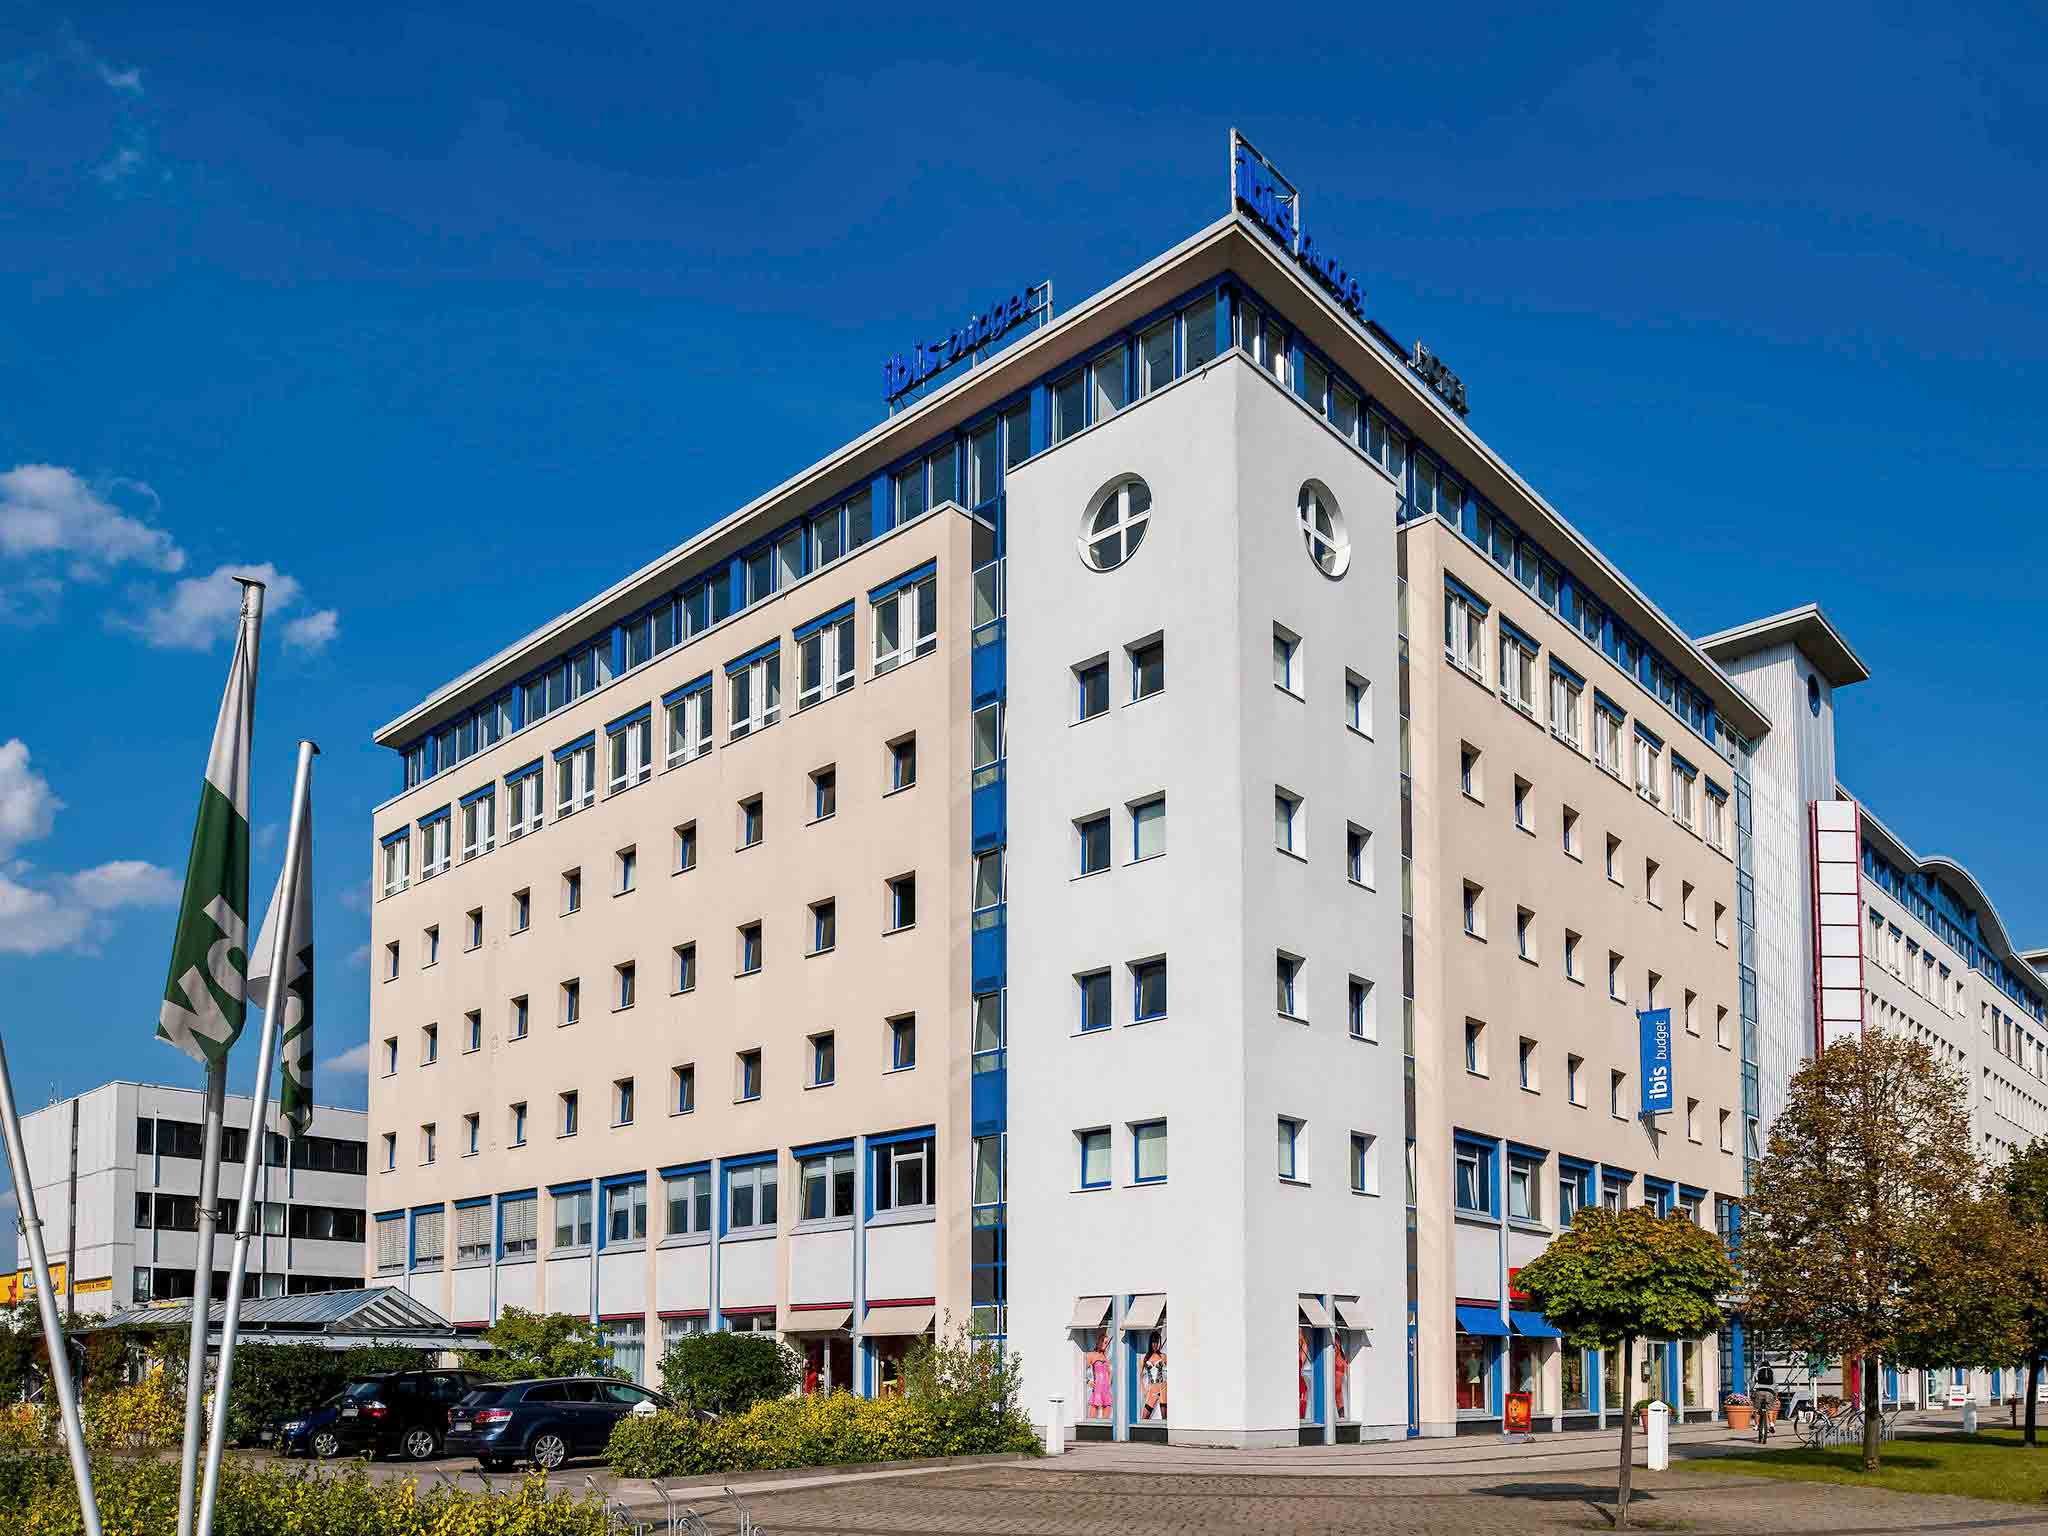 فندق - إيبيس بدجت ibis budget برلين أوست